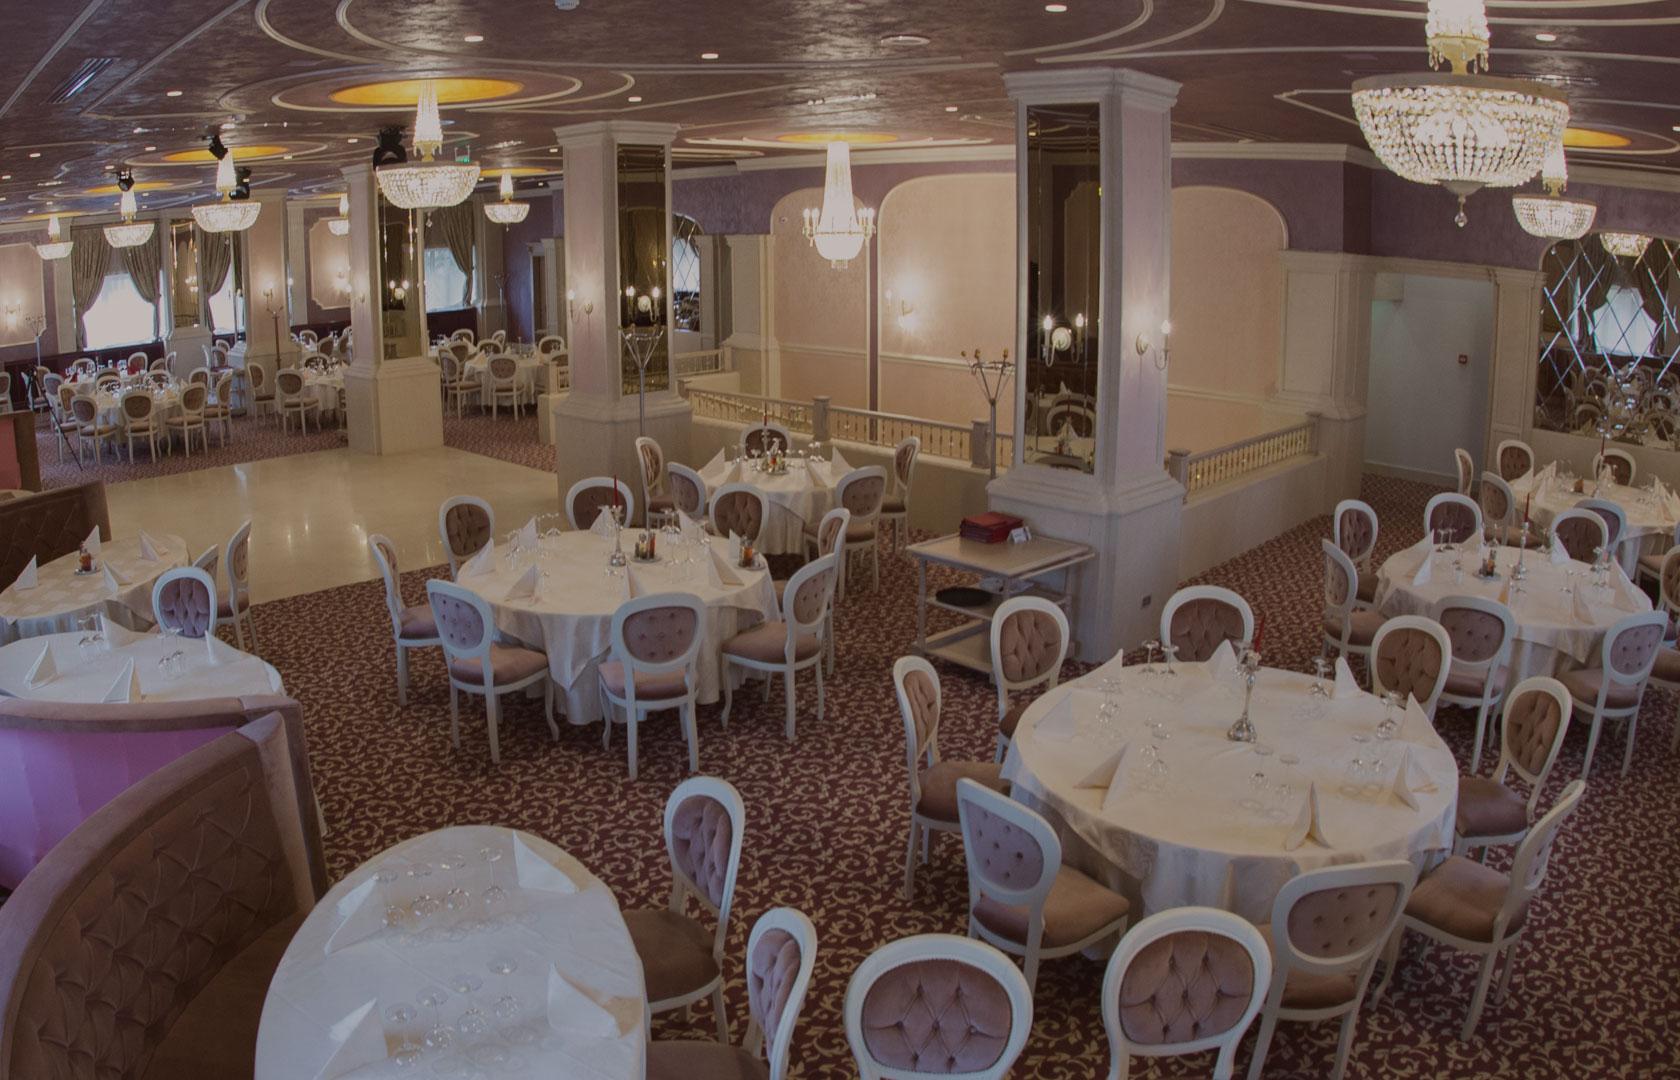 Restaurant Intermacedonia Bucuresti Piata Iancului Organizare